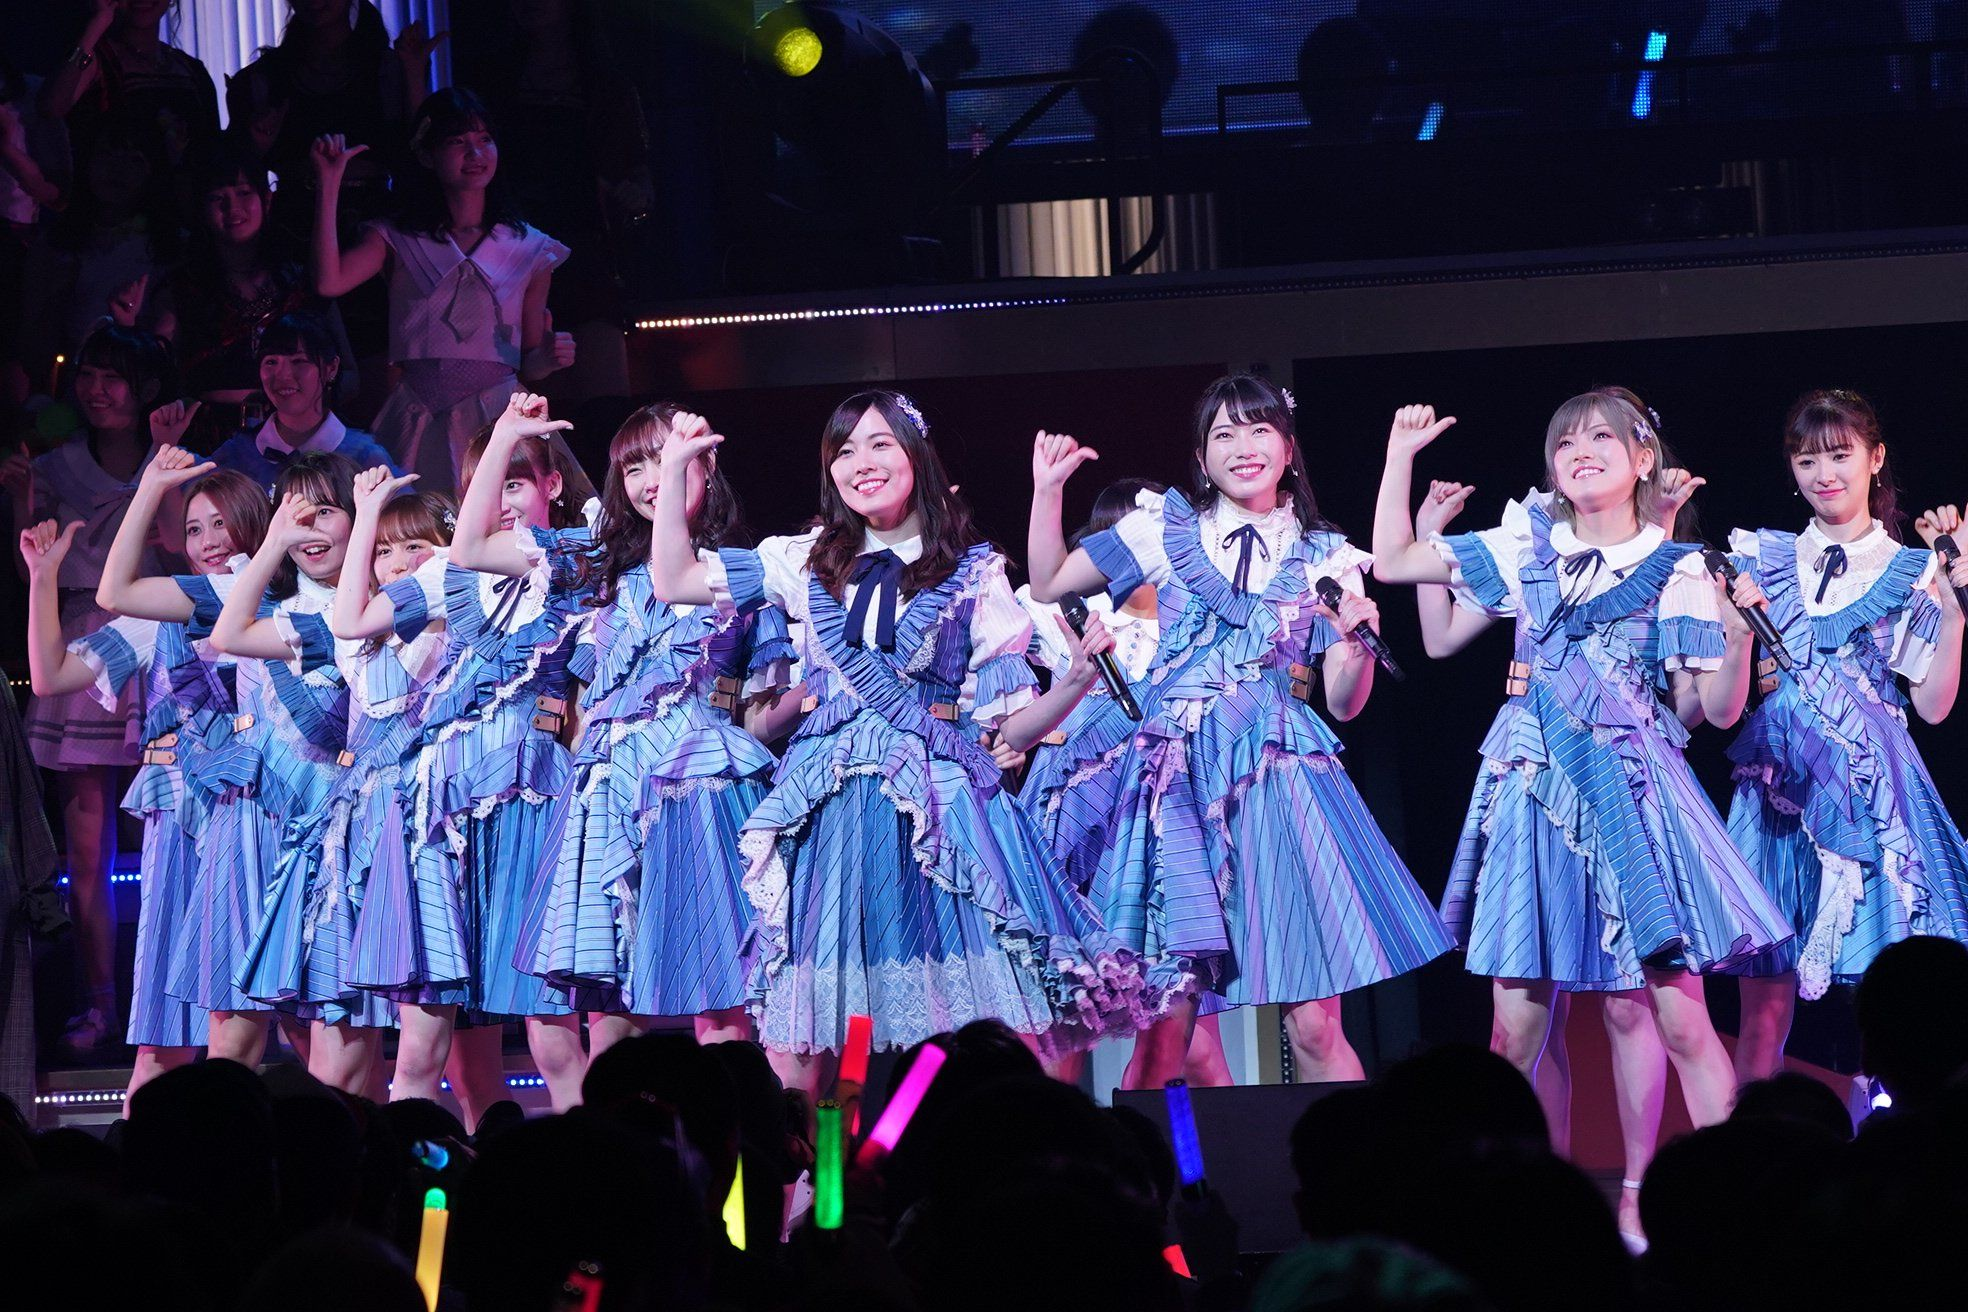 アイドル取材班@朝日新聞 on Twitter